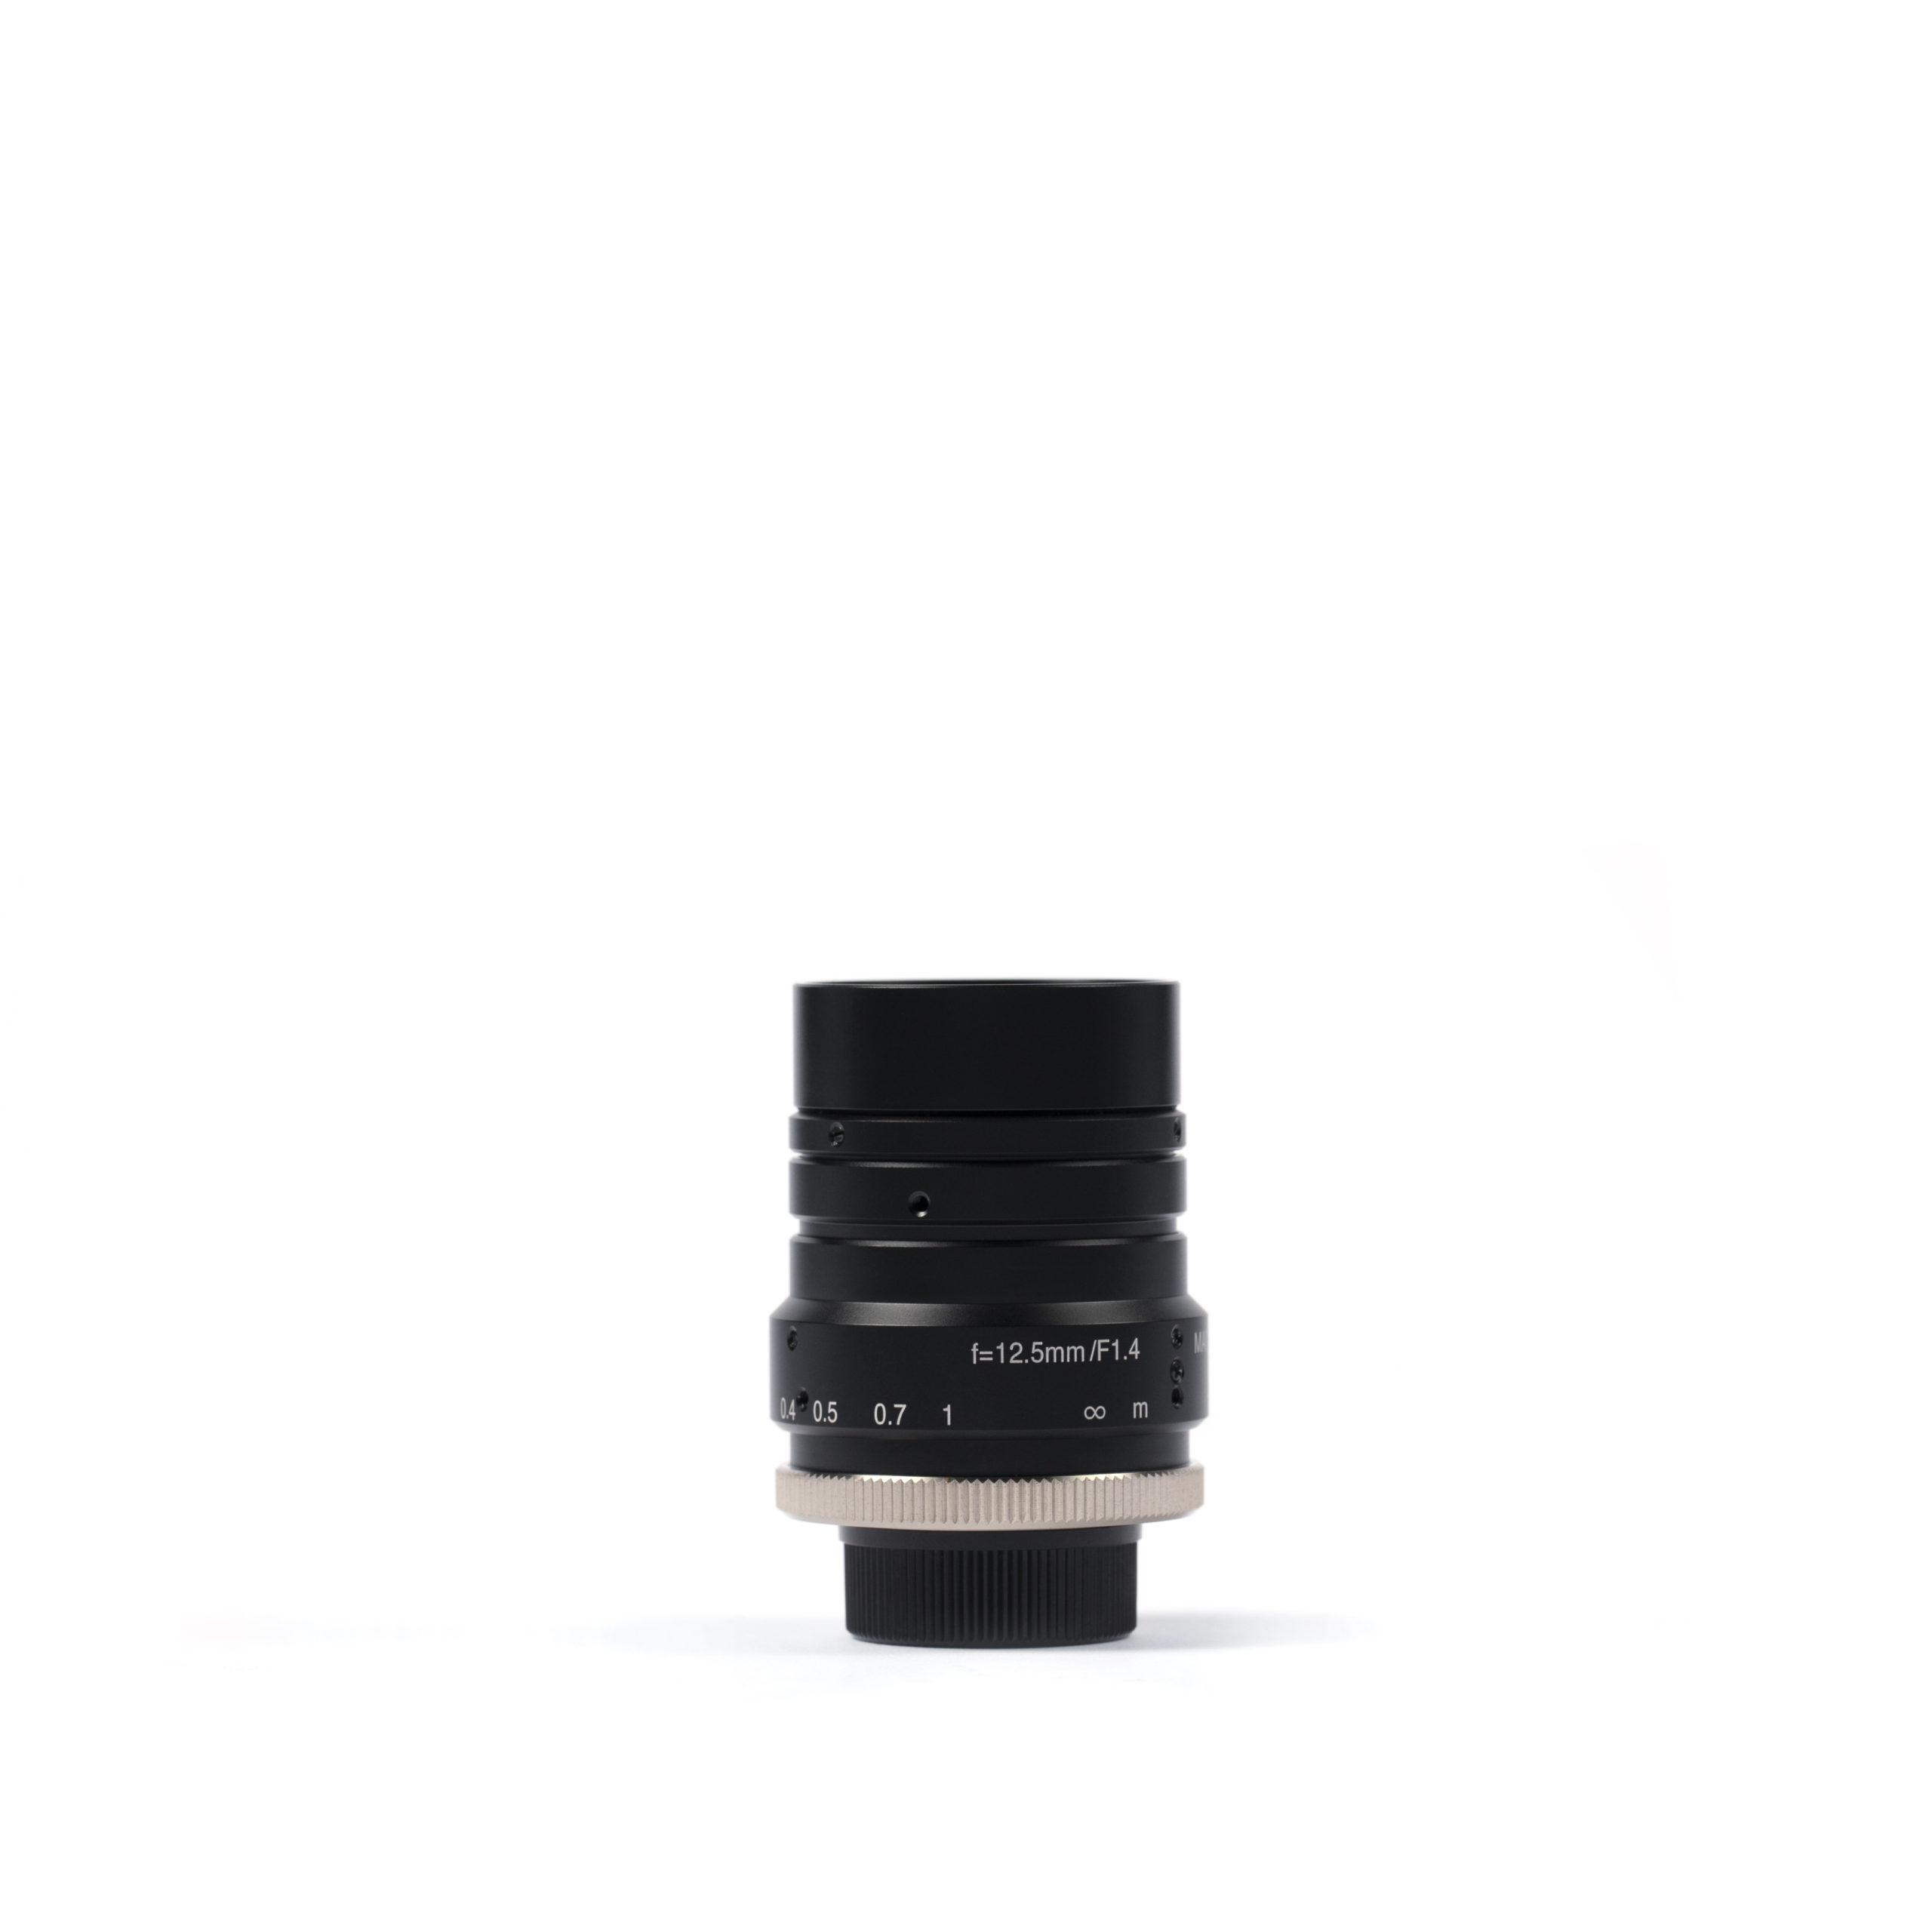 12.5mm lens